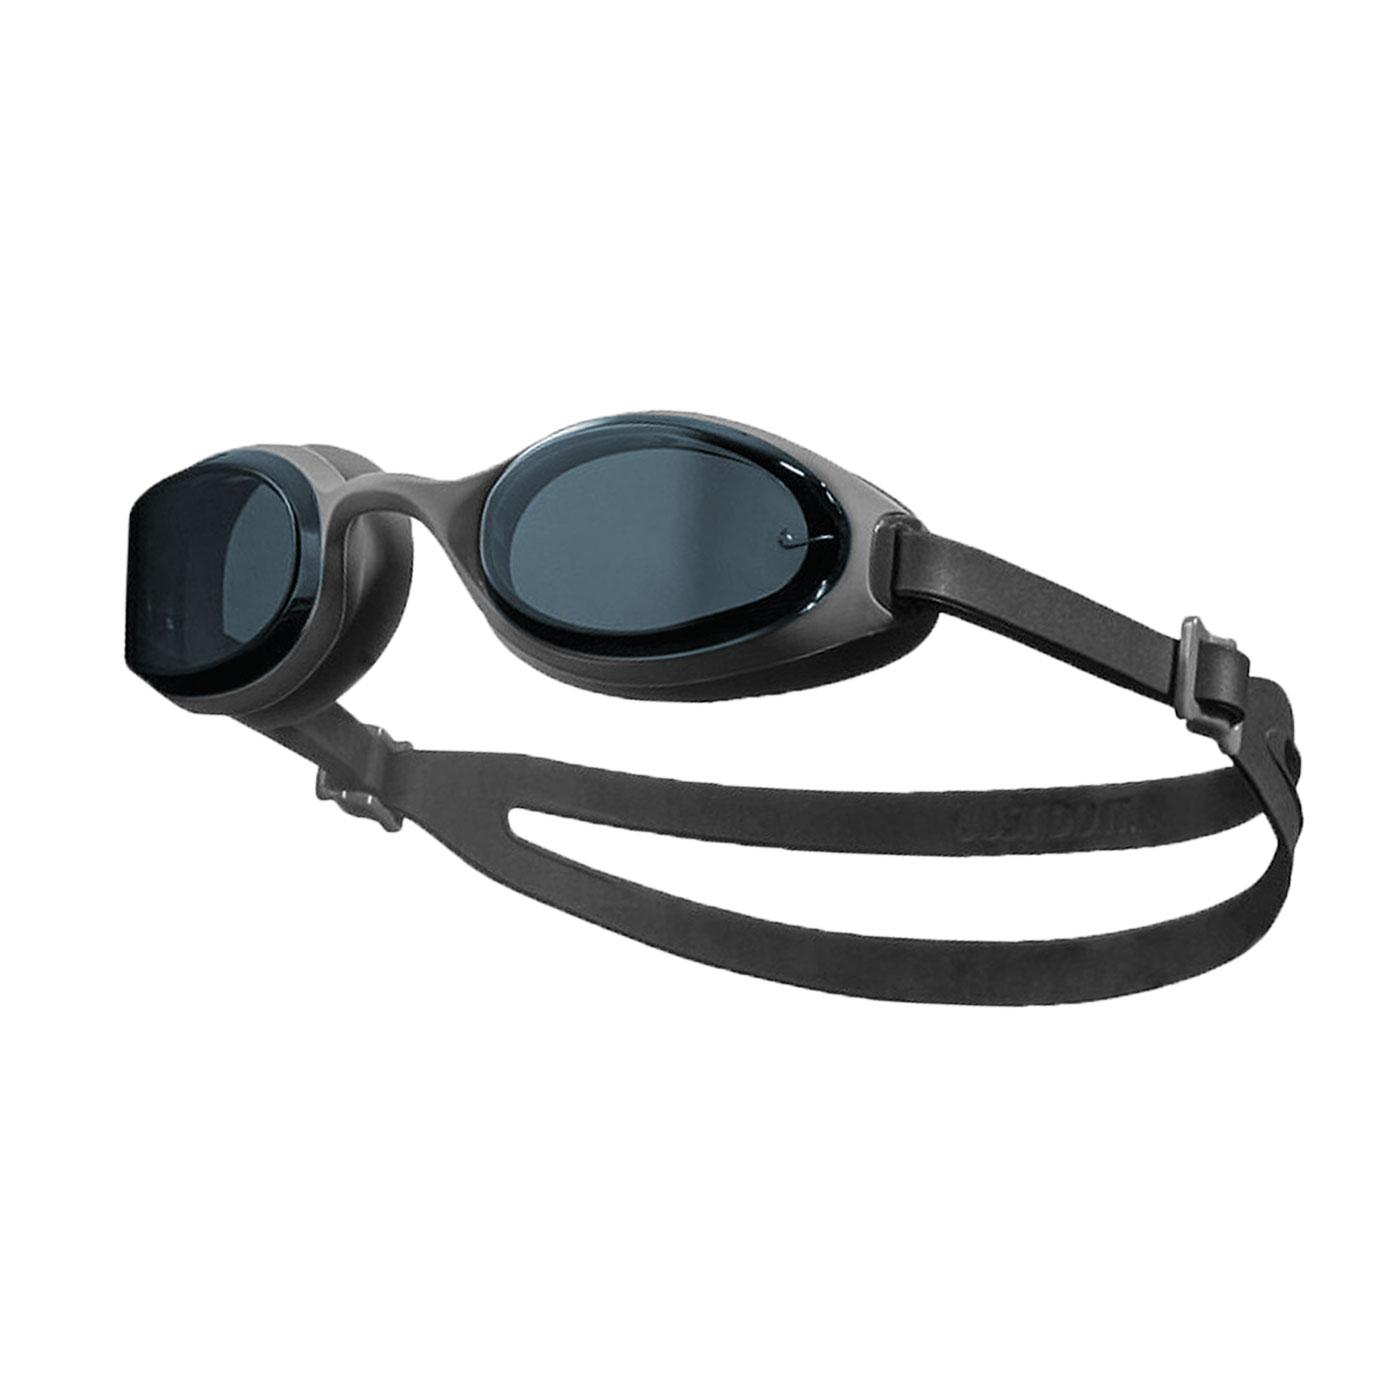 NIKE SWIM 成人訓練型泳鏡 NESSA182-014 - 灰黑